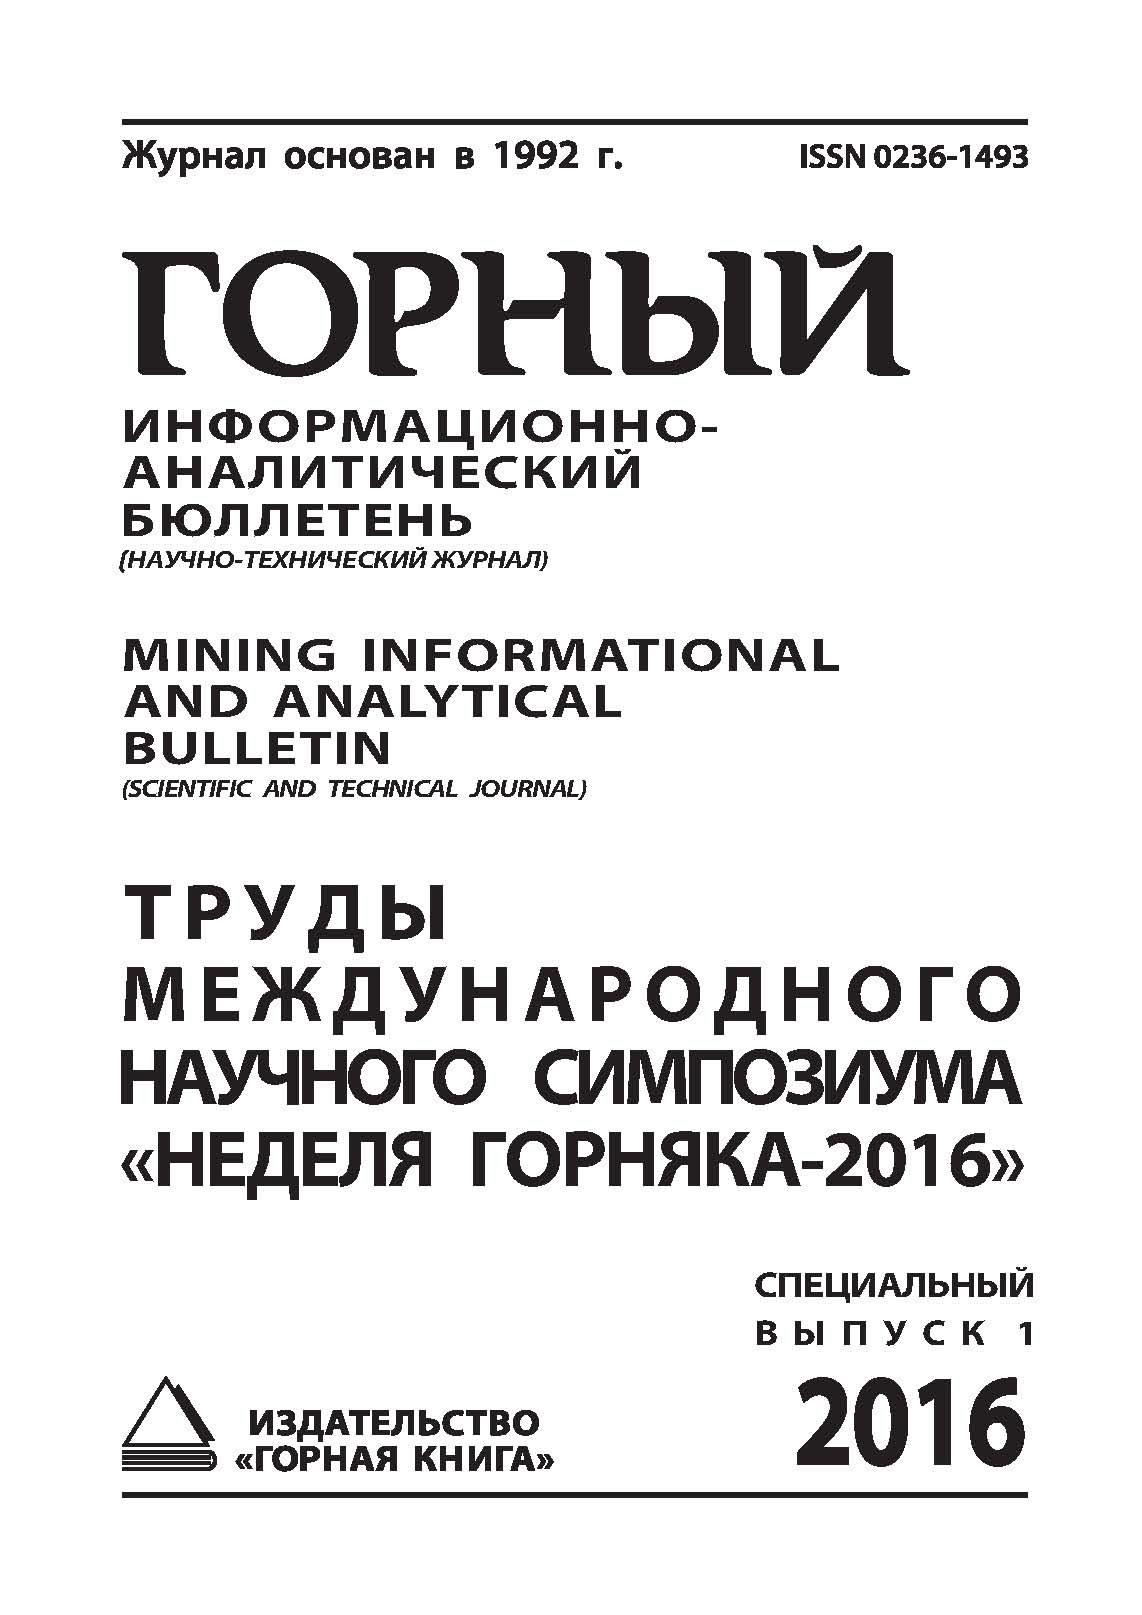 Труды международного научного симпозиума «Неделя Горняка-2016»